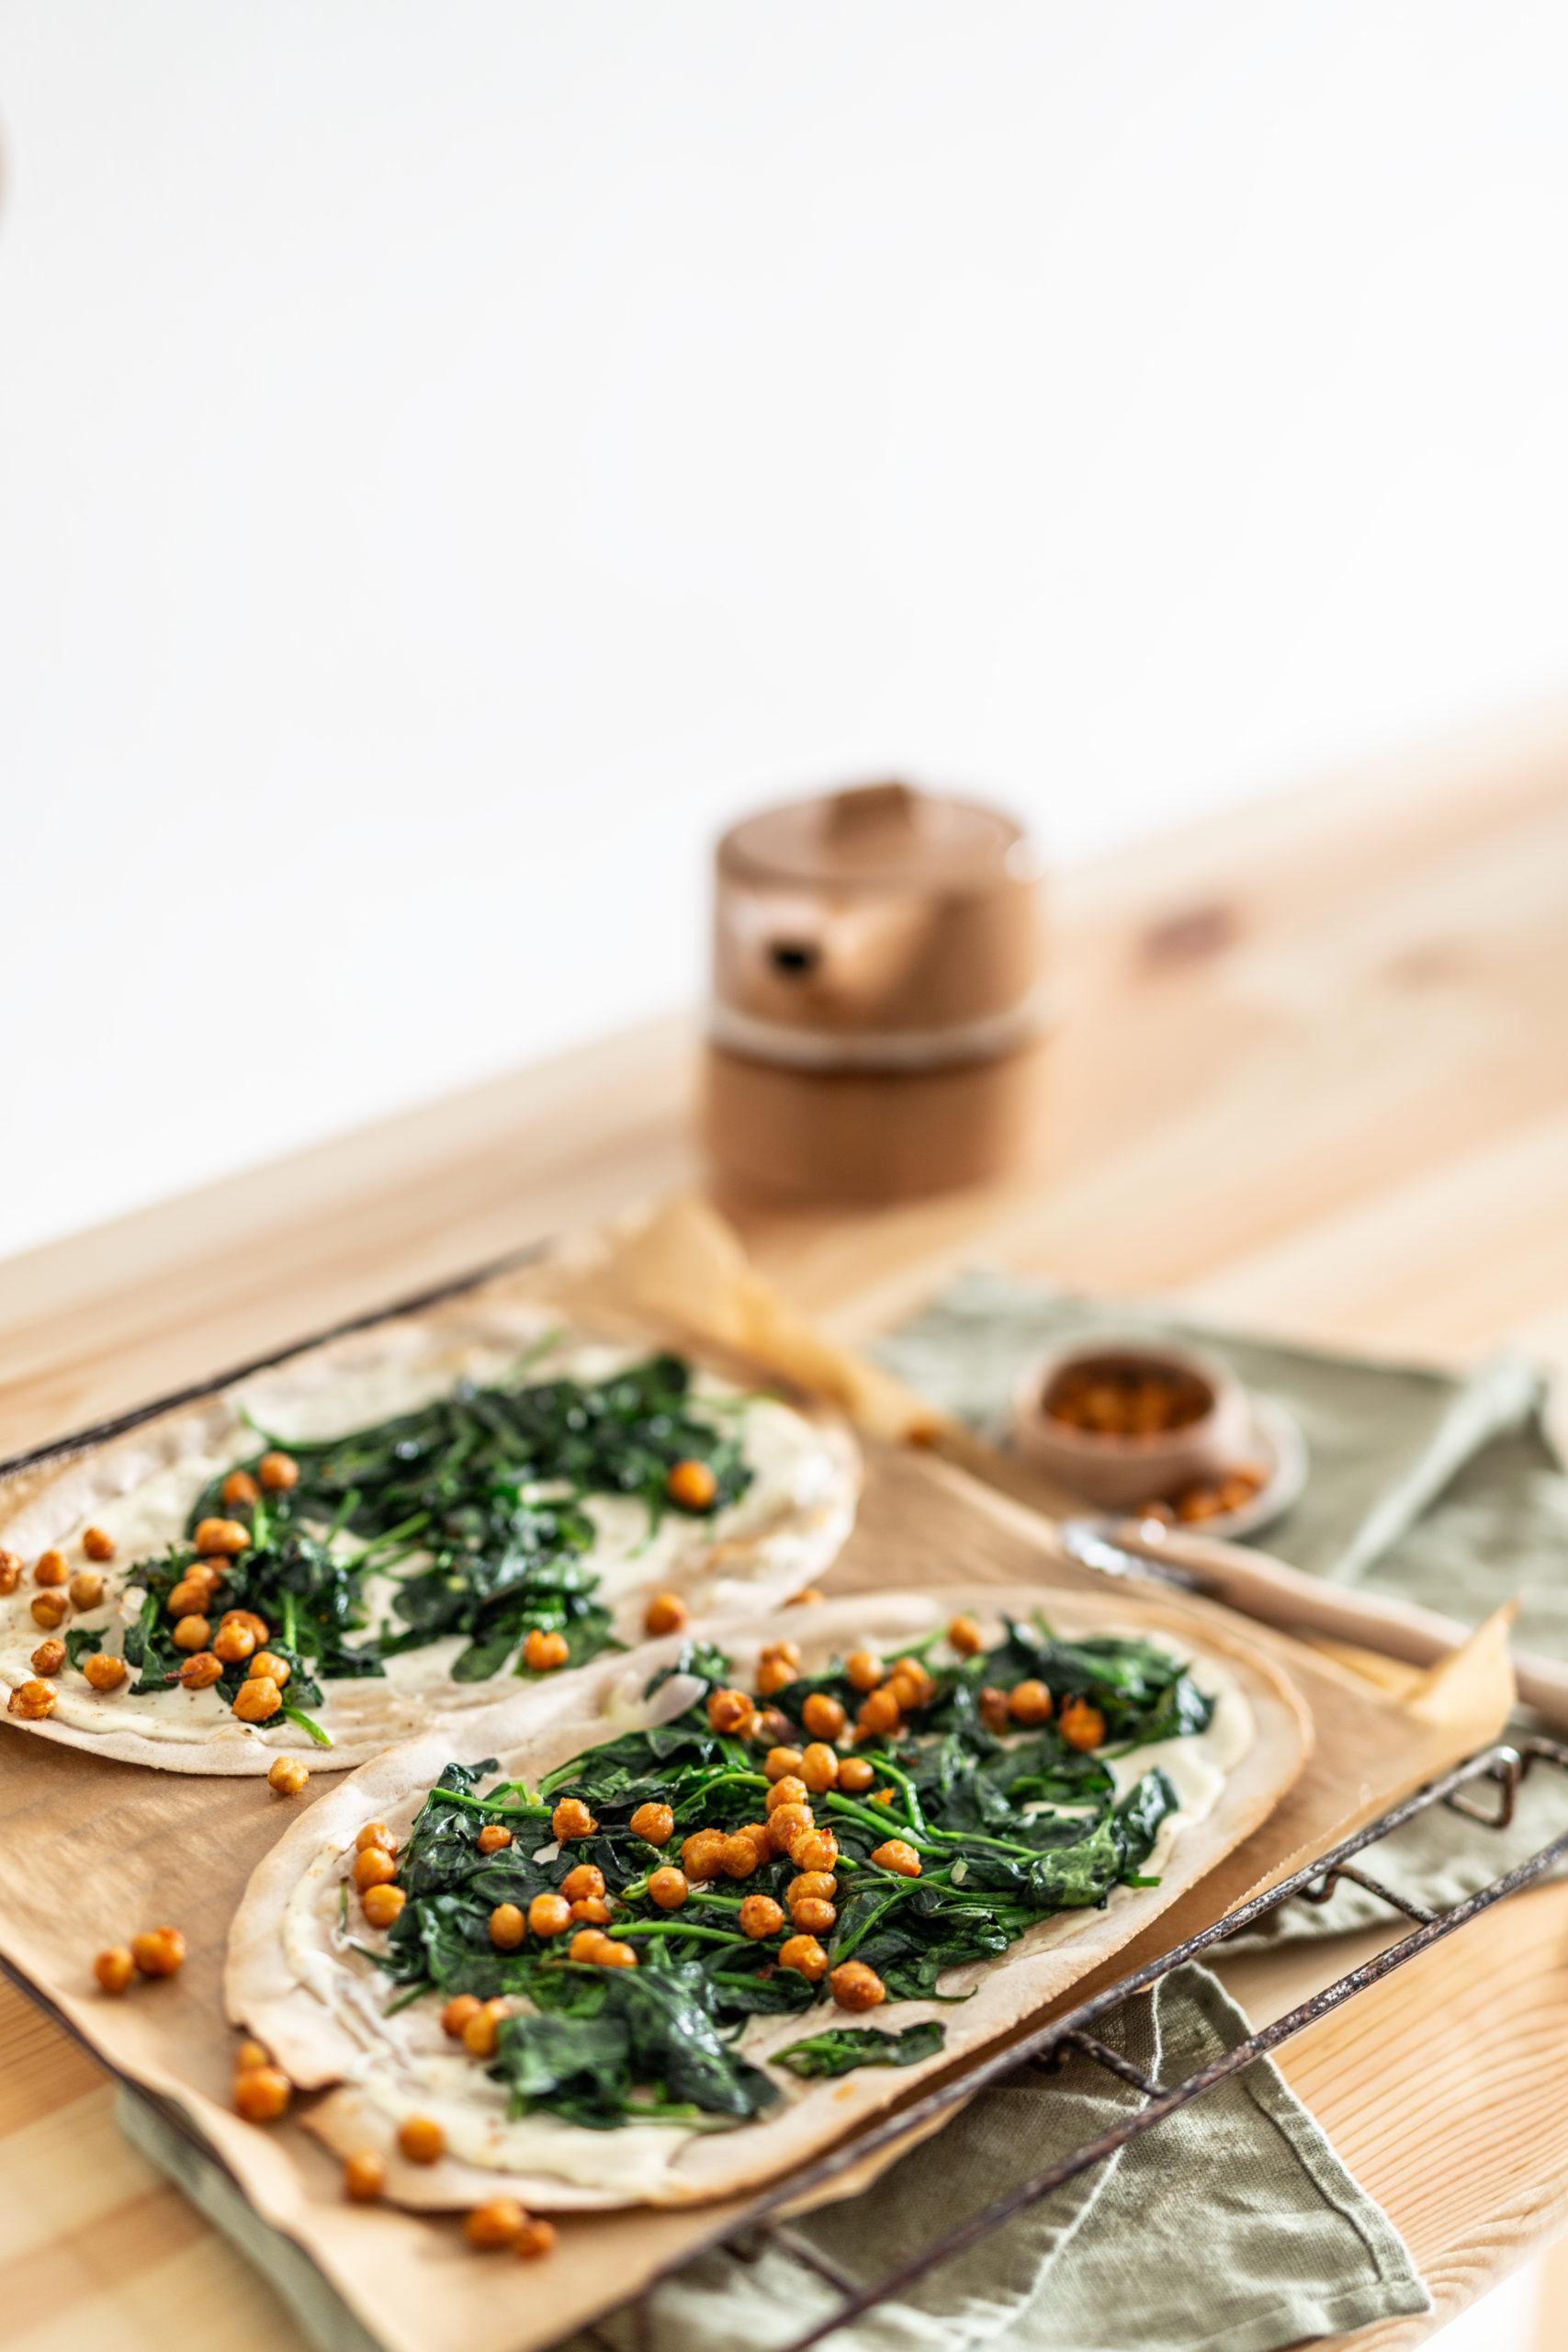 Flammkuchen mit Spinat, Cashewcreme und knusper Kichererbsen | Gesunde vegane Rezepte, Fermentation, Nachhaltigkeit - Syl Gervais